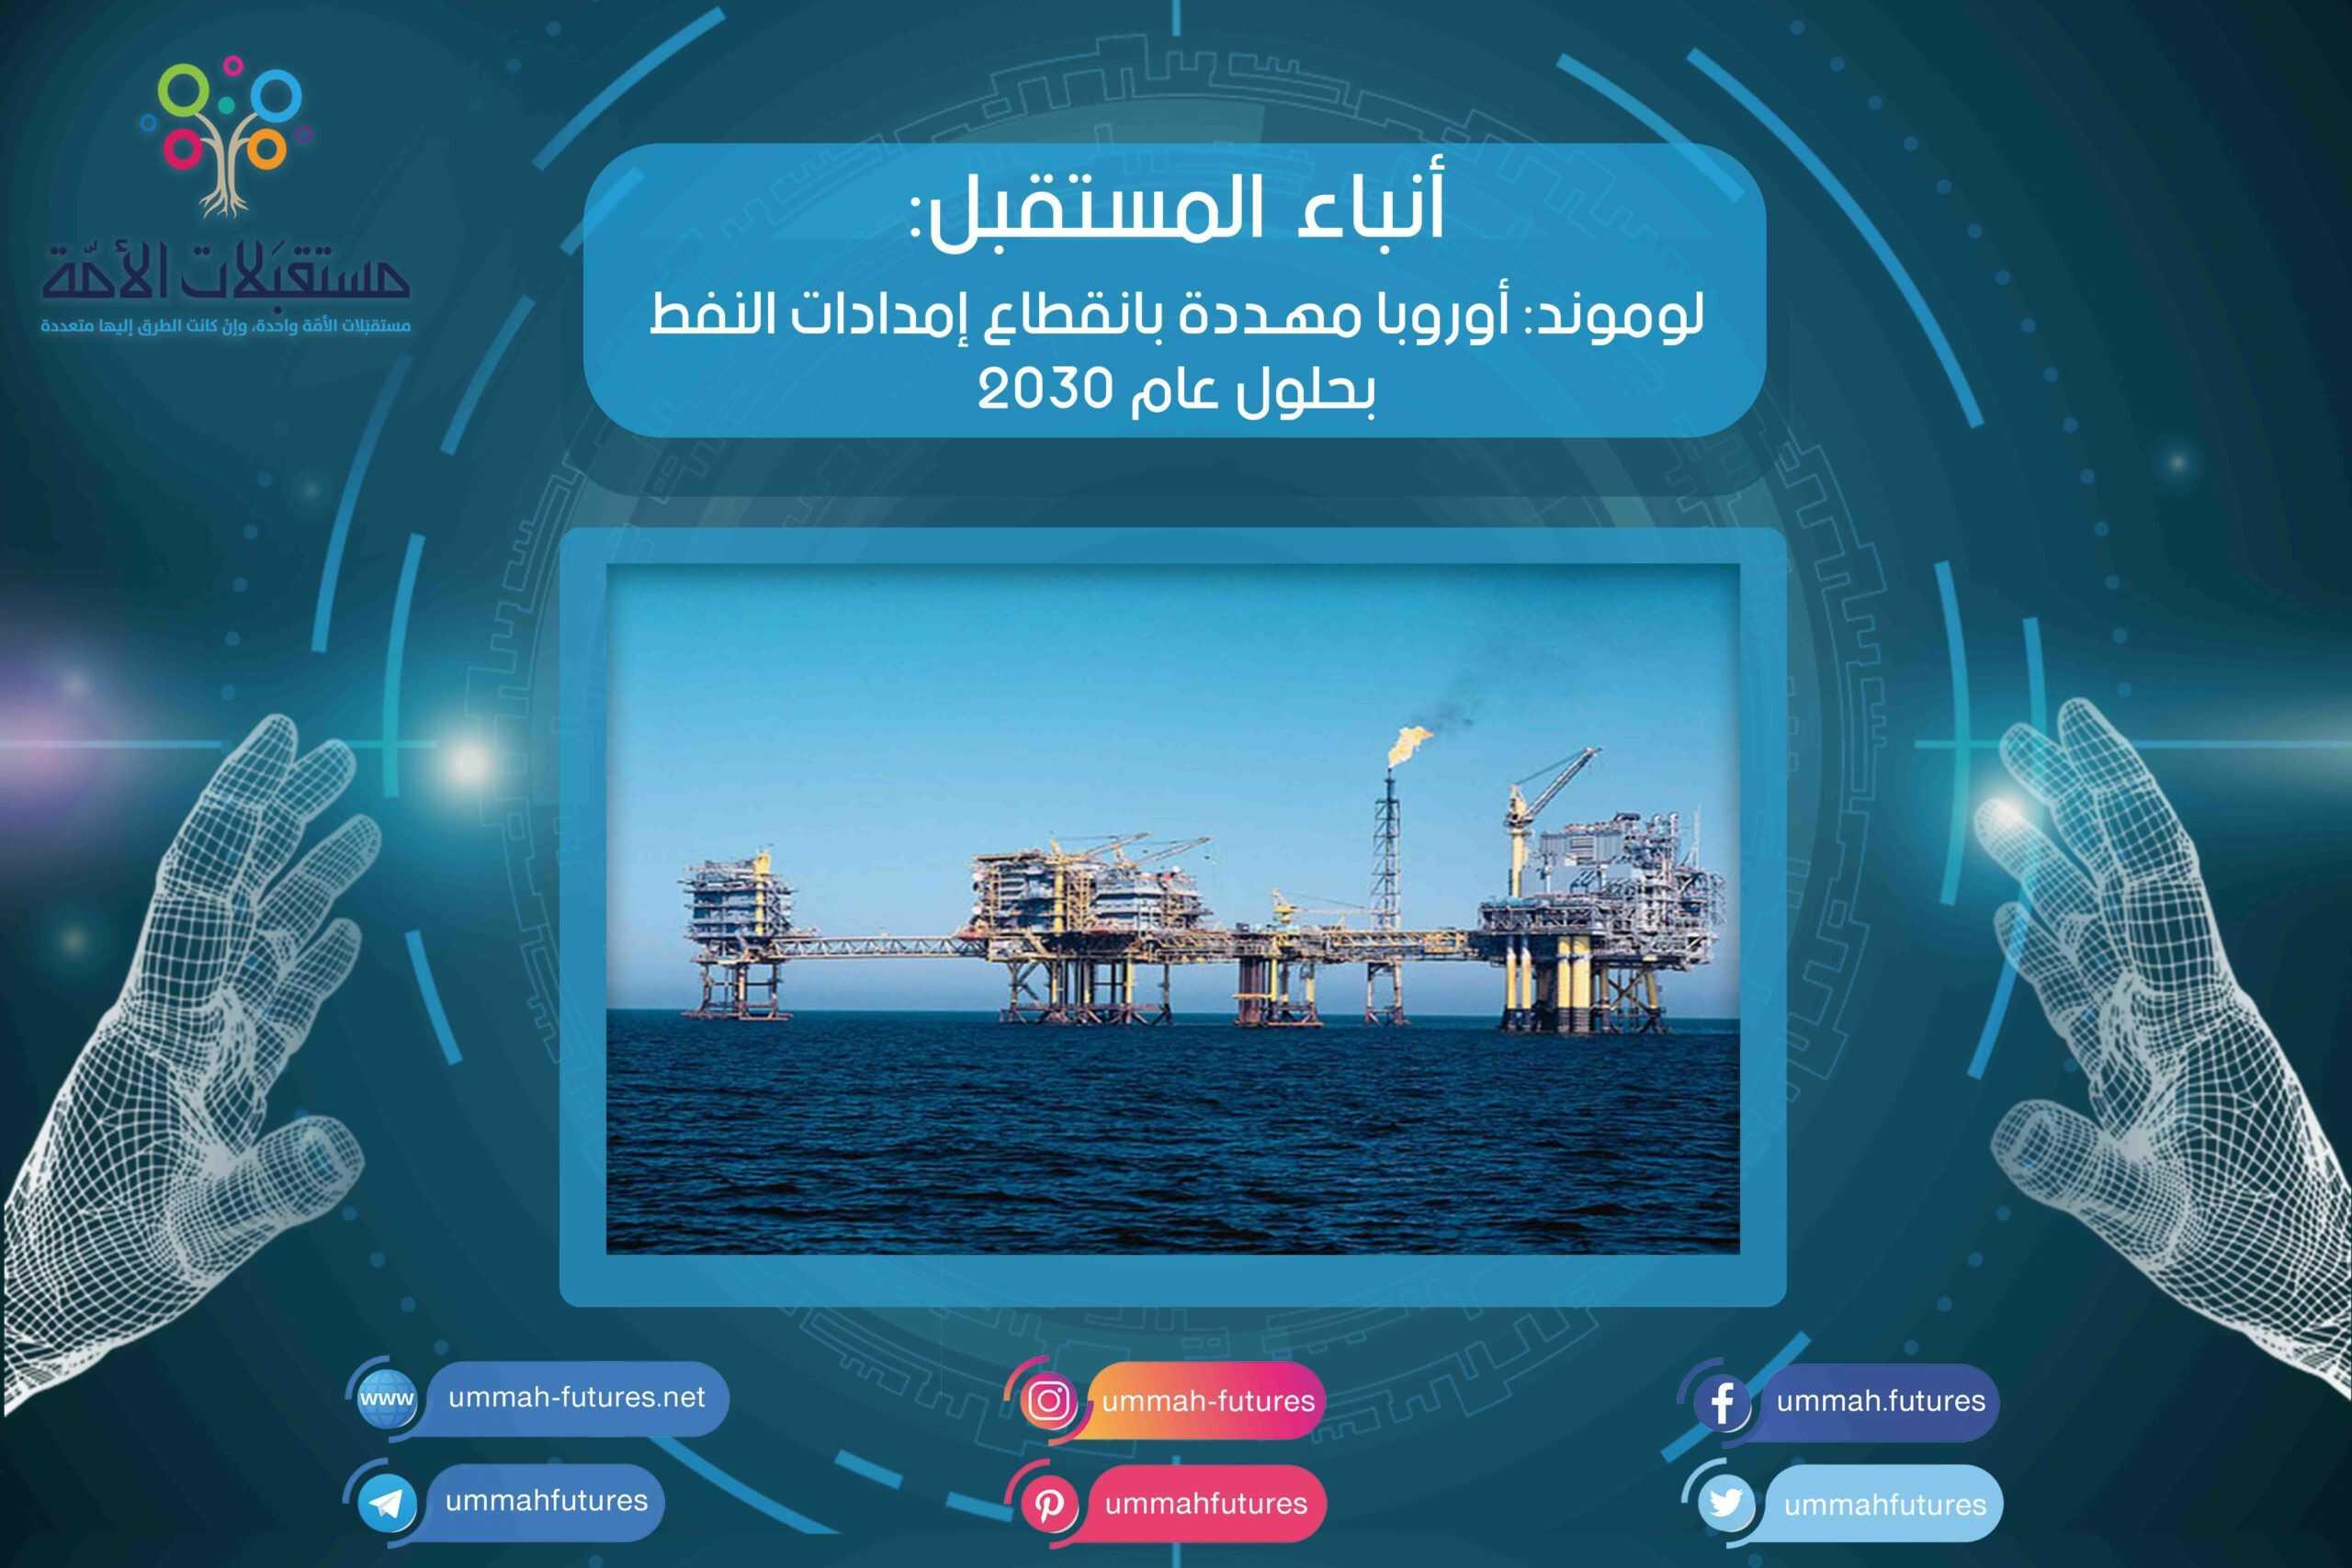 لوموند: أوروبا مهددة بانقطاع إمدادات النفط بحلول عام 2030